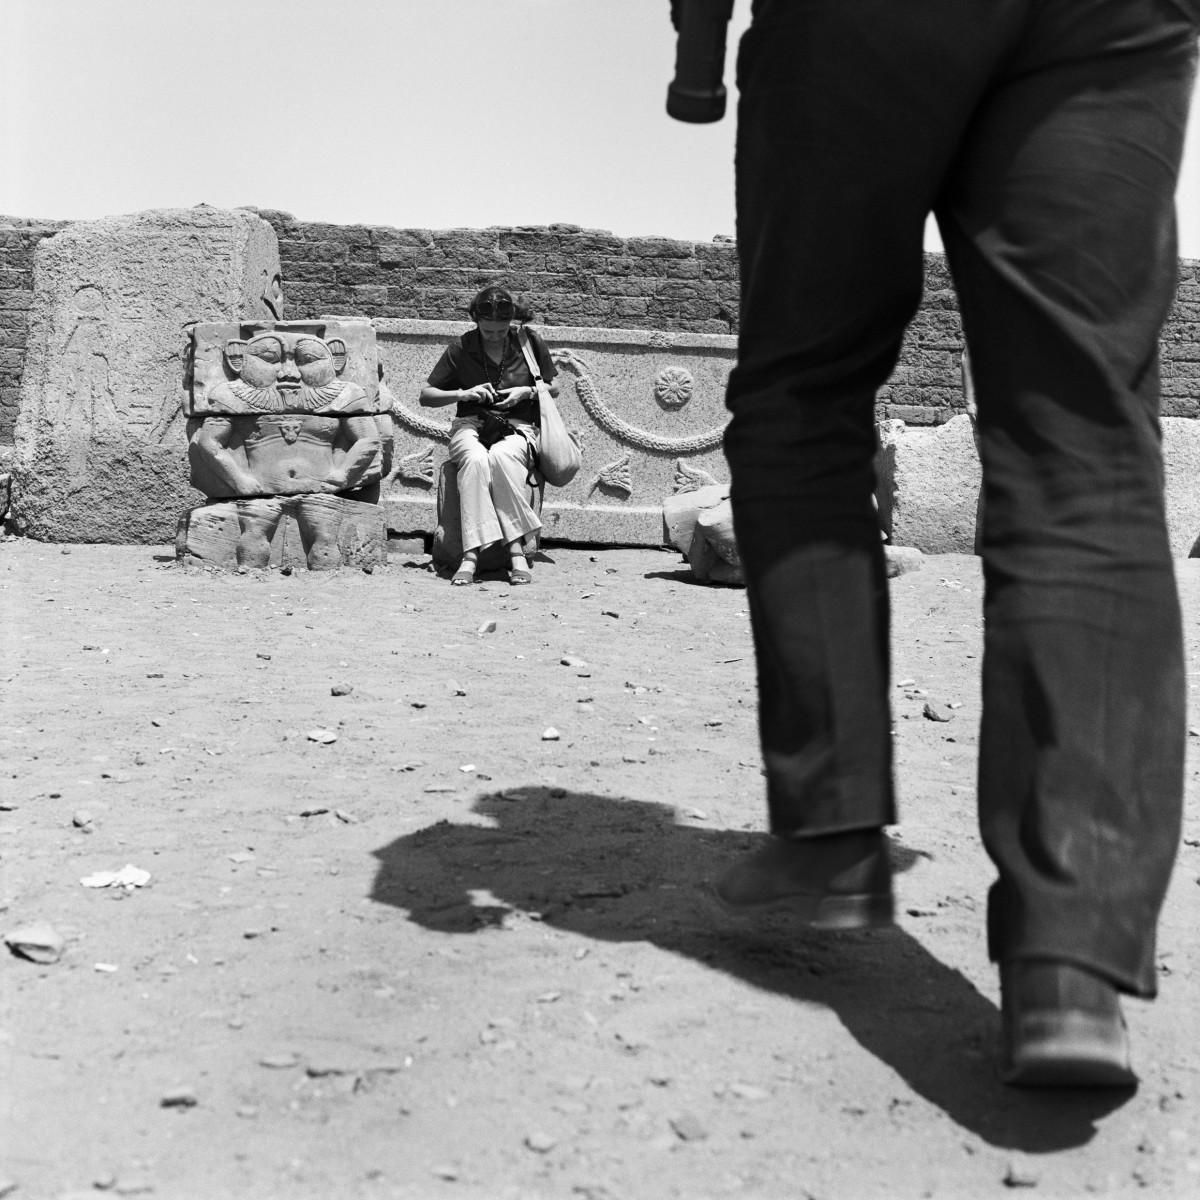 denis-roche-27-mars-1981--denderah-egypte-courtesy-galerie-l